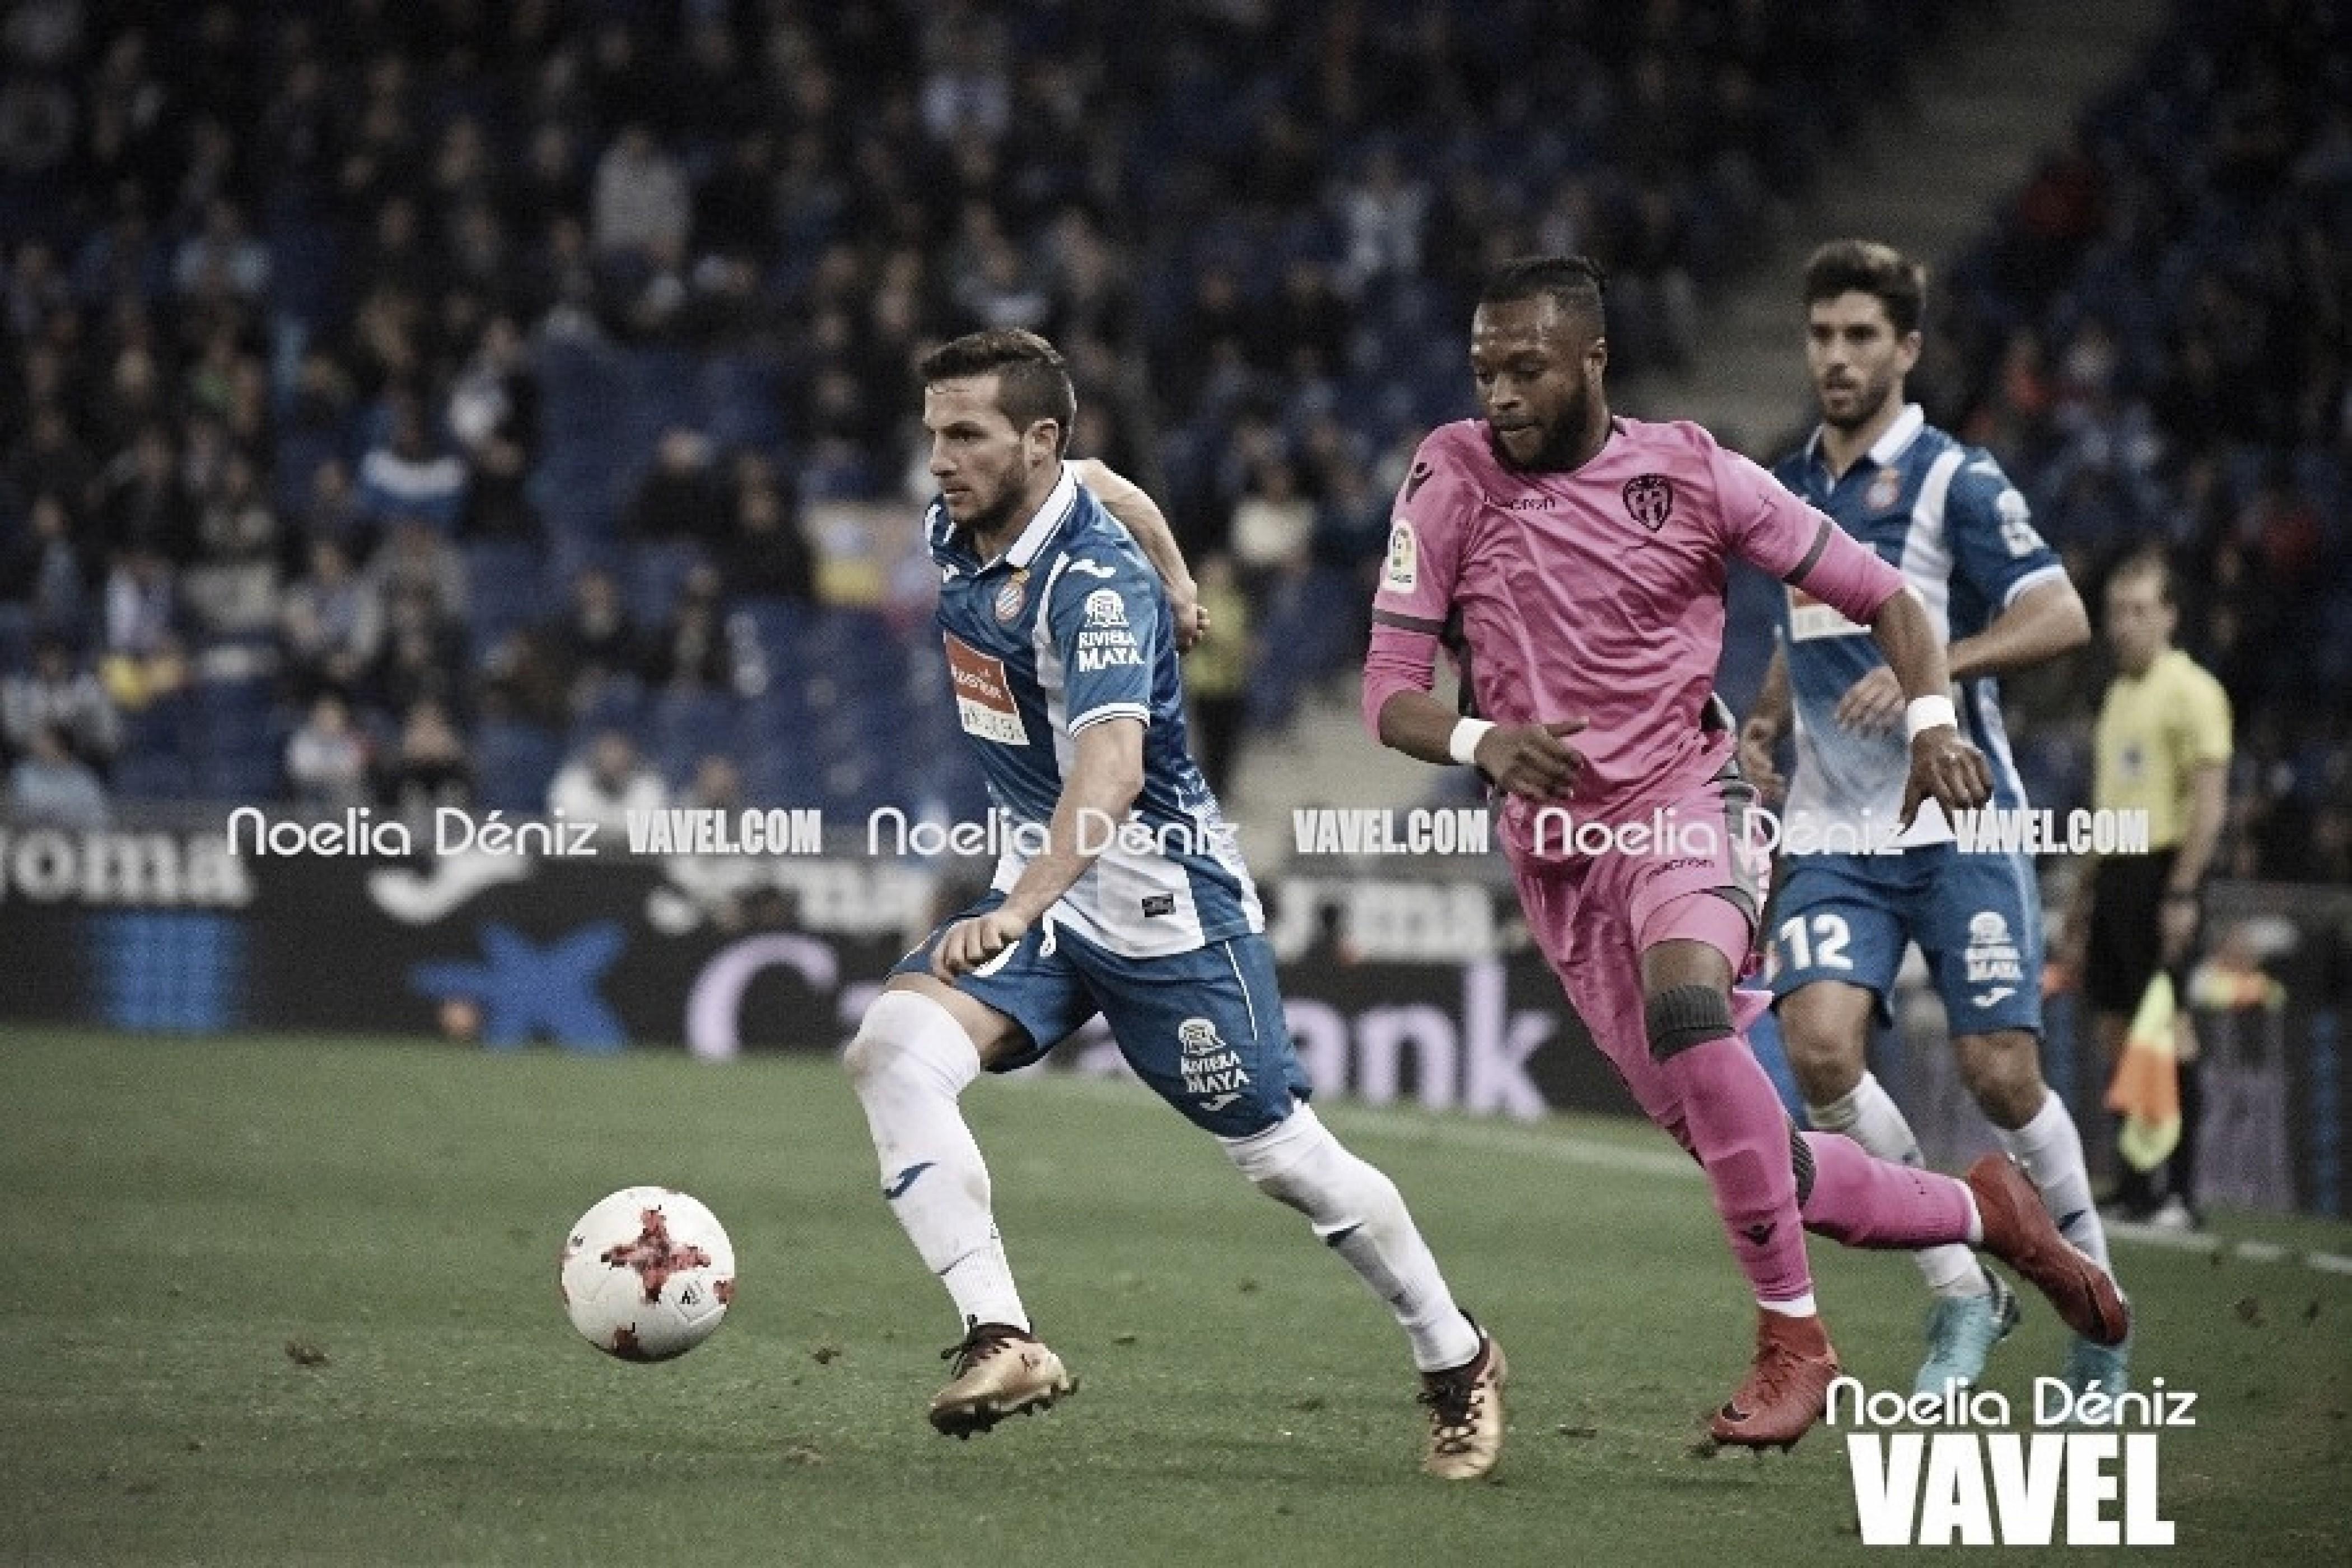 Previa RCD Espanyol - Levante UD: a reencontrarse con la victoria